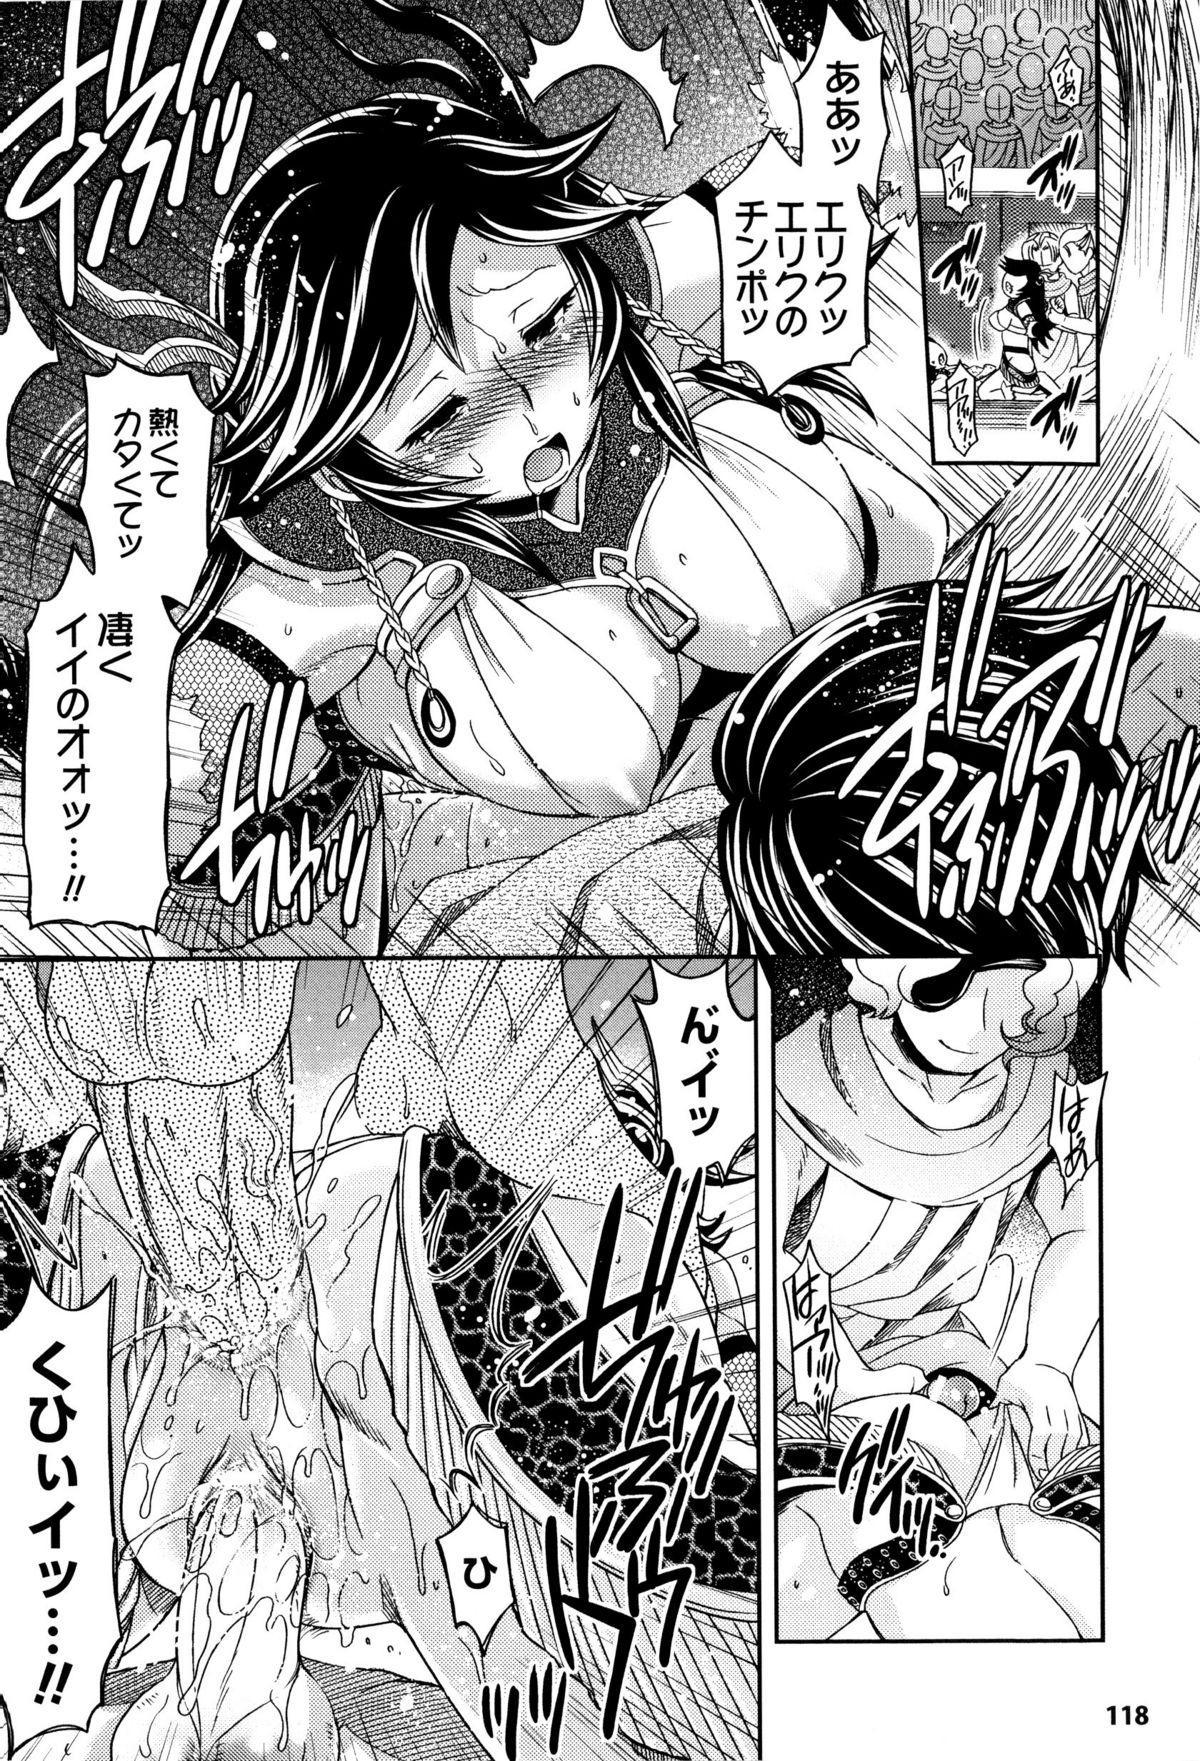 Toushin Engi Vol. 8 116